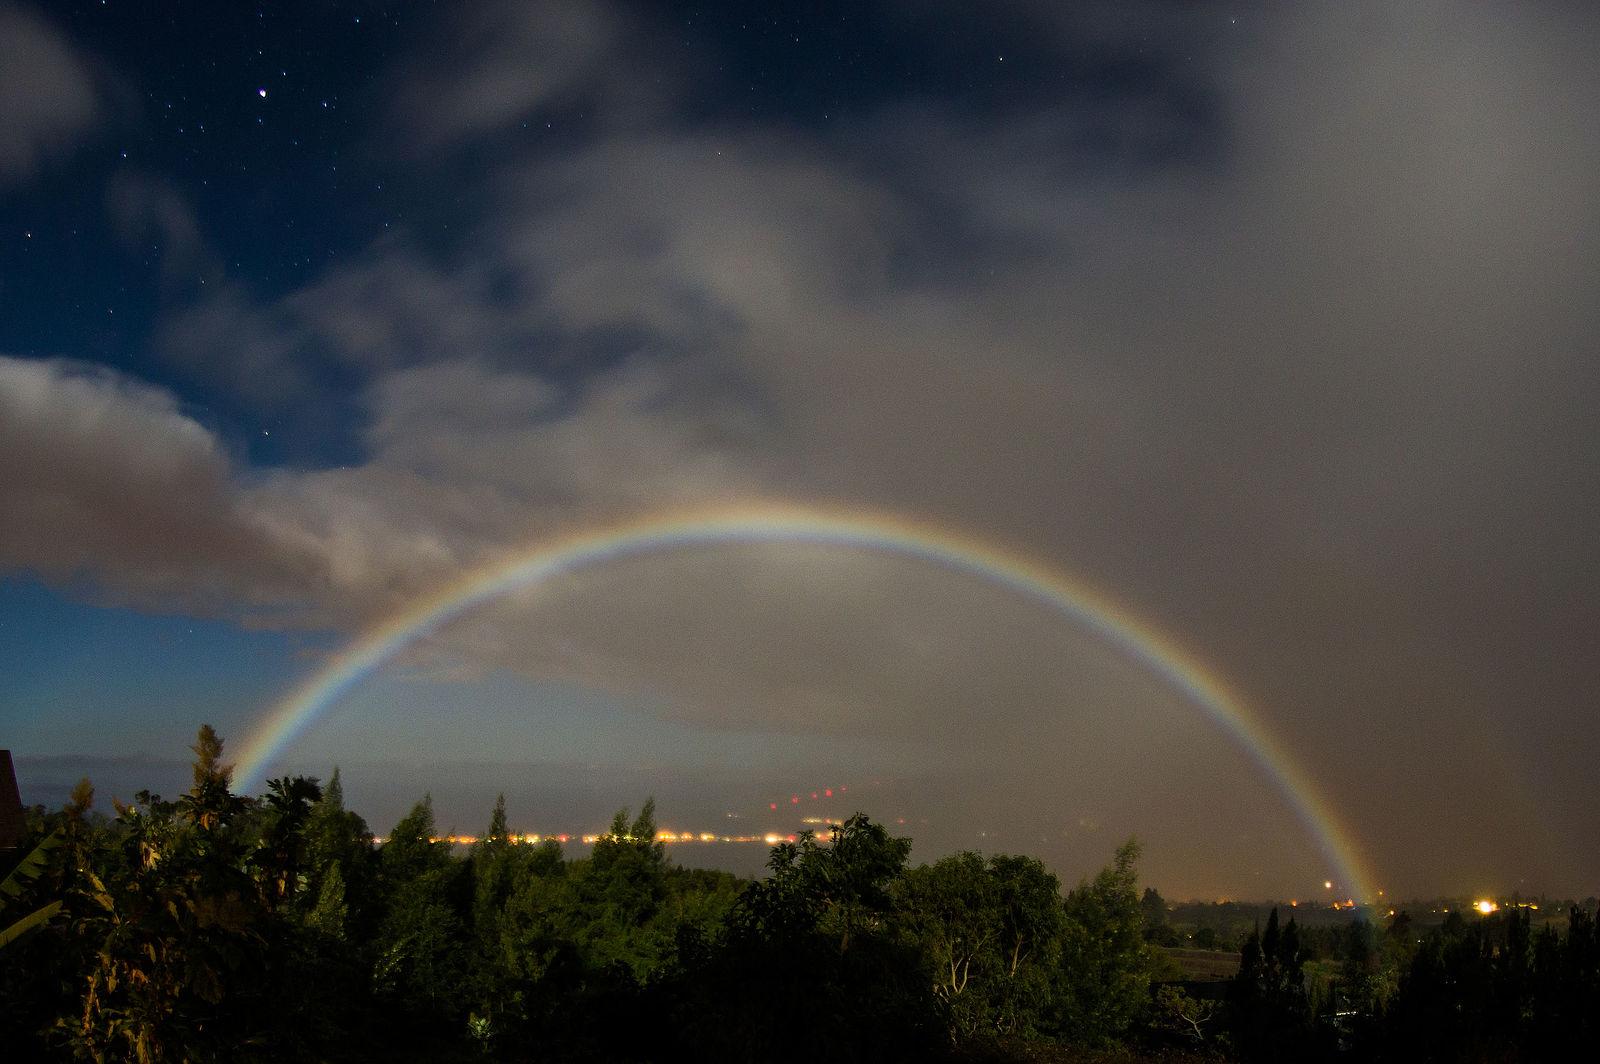 1600px-Moonbow%2C_Kula%2C_Hawaii..jpg